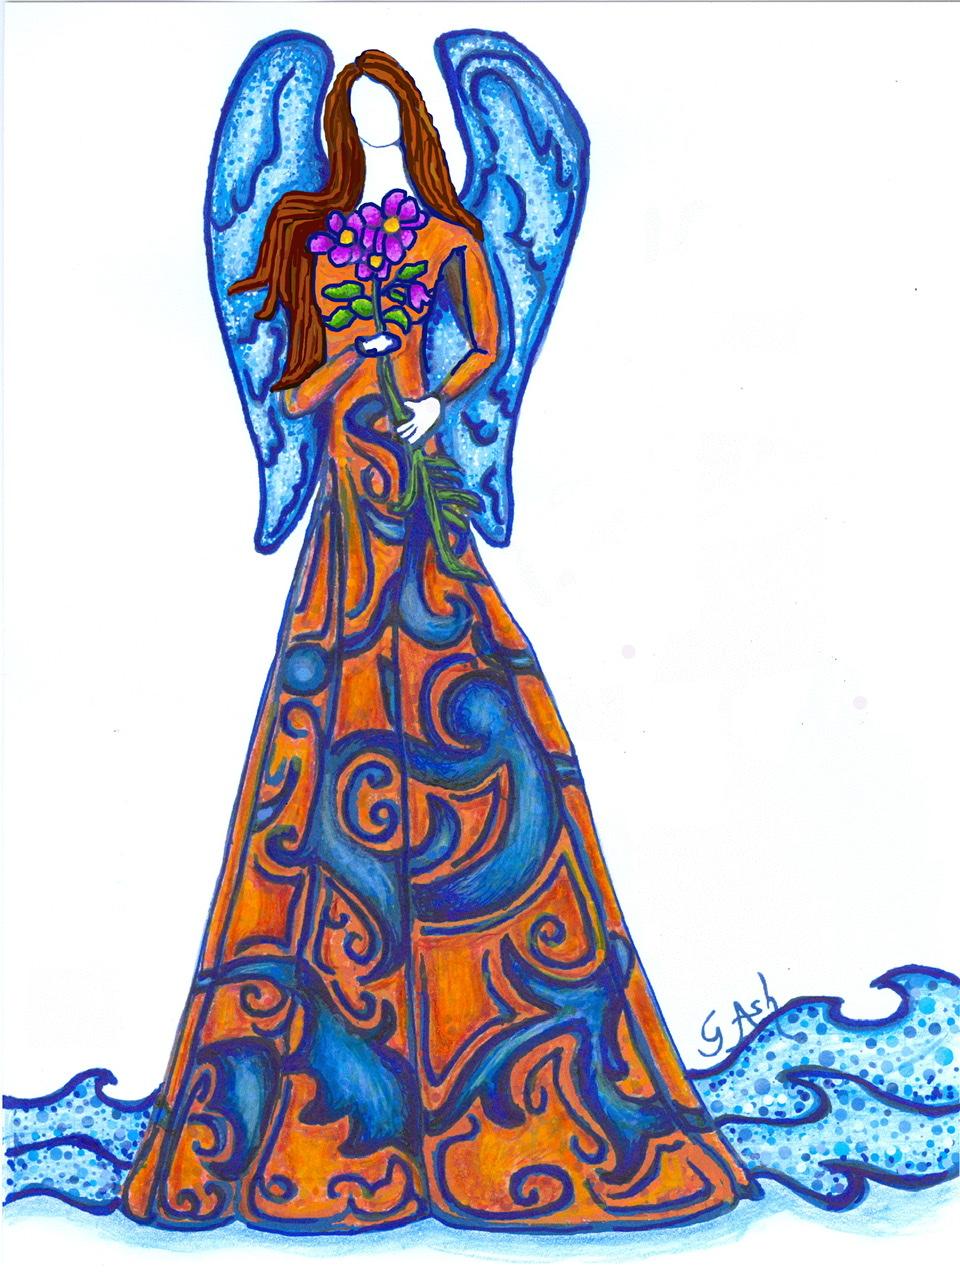 """<span style=""""color: #ff0000;""""><a style=""""color: #ff0000;"""" href=""""mailto:marie.laura@@videotron.ca?subject=Défi 15 dessins 15 semaines - Grâce et élégance"""">Contacter l'artiste</a></span> Ginette Ash - Grâce et élégance - 150 $ (transaction directement avec l'artiste) - Techniques mixtes sur papier - 14 x 11 po"""